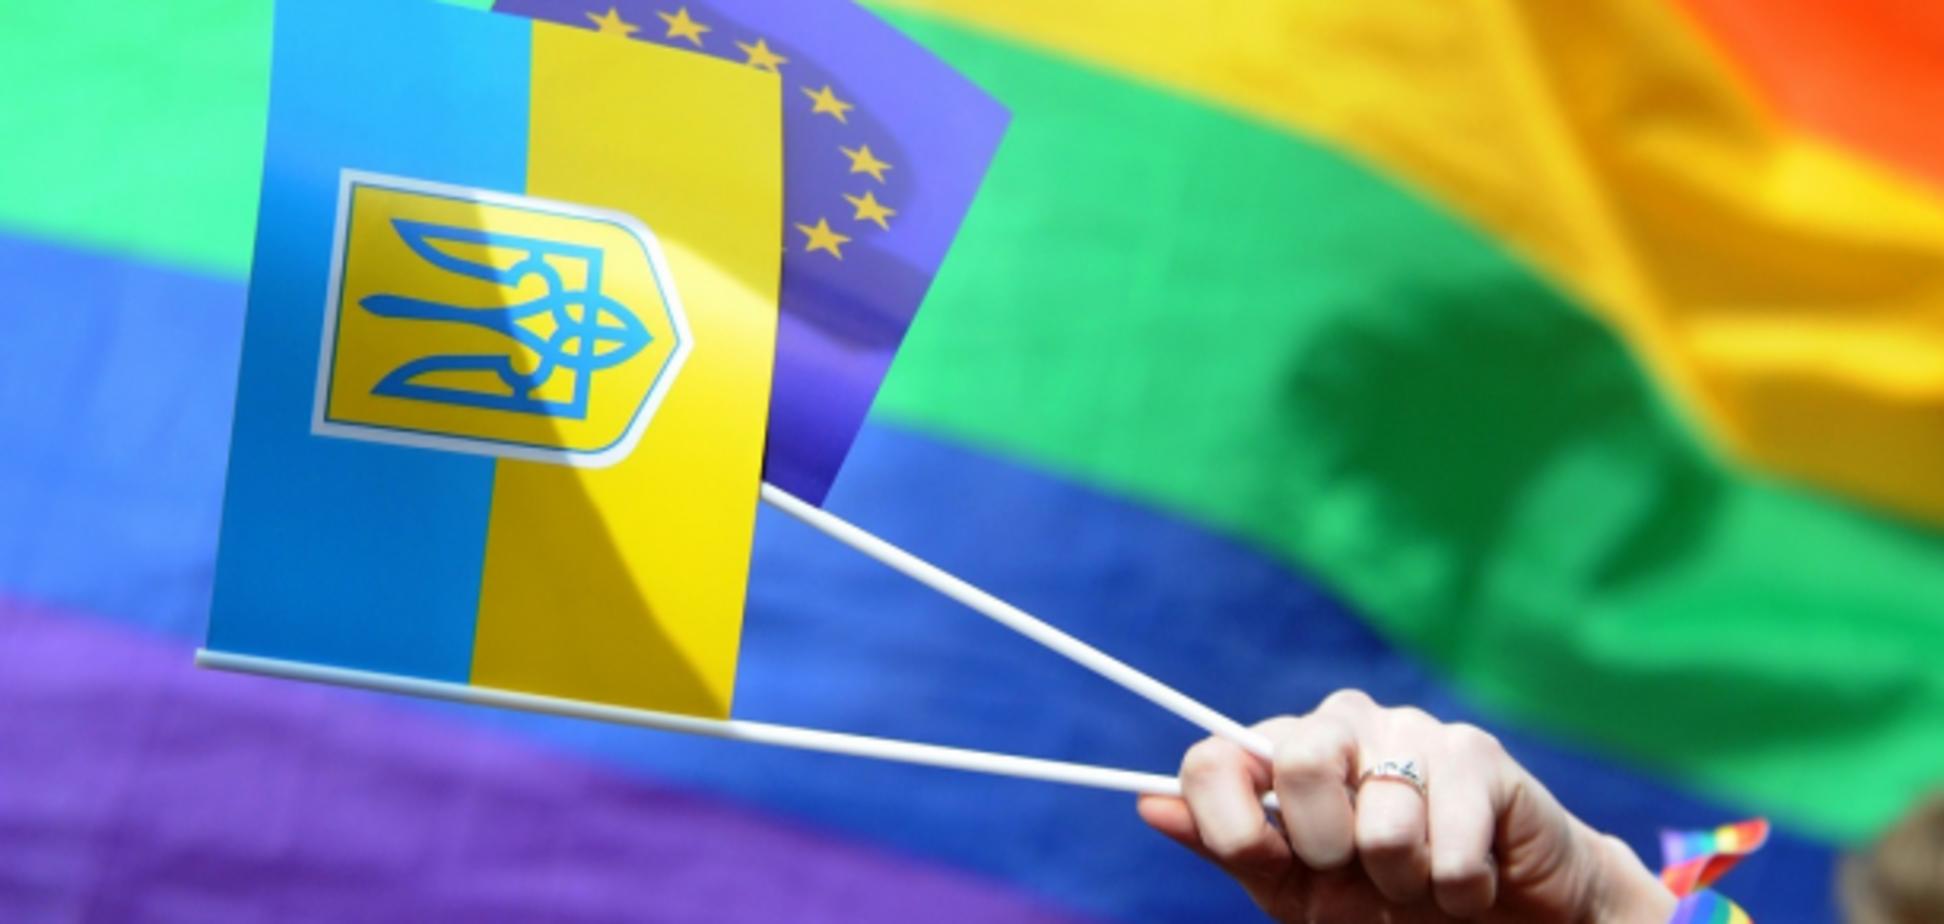 Стоит ли в Украине расширить права ЛГБТ